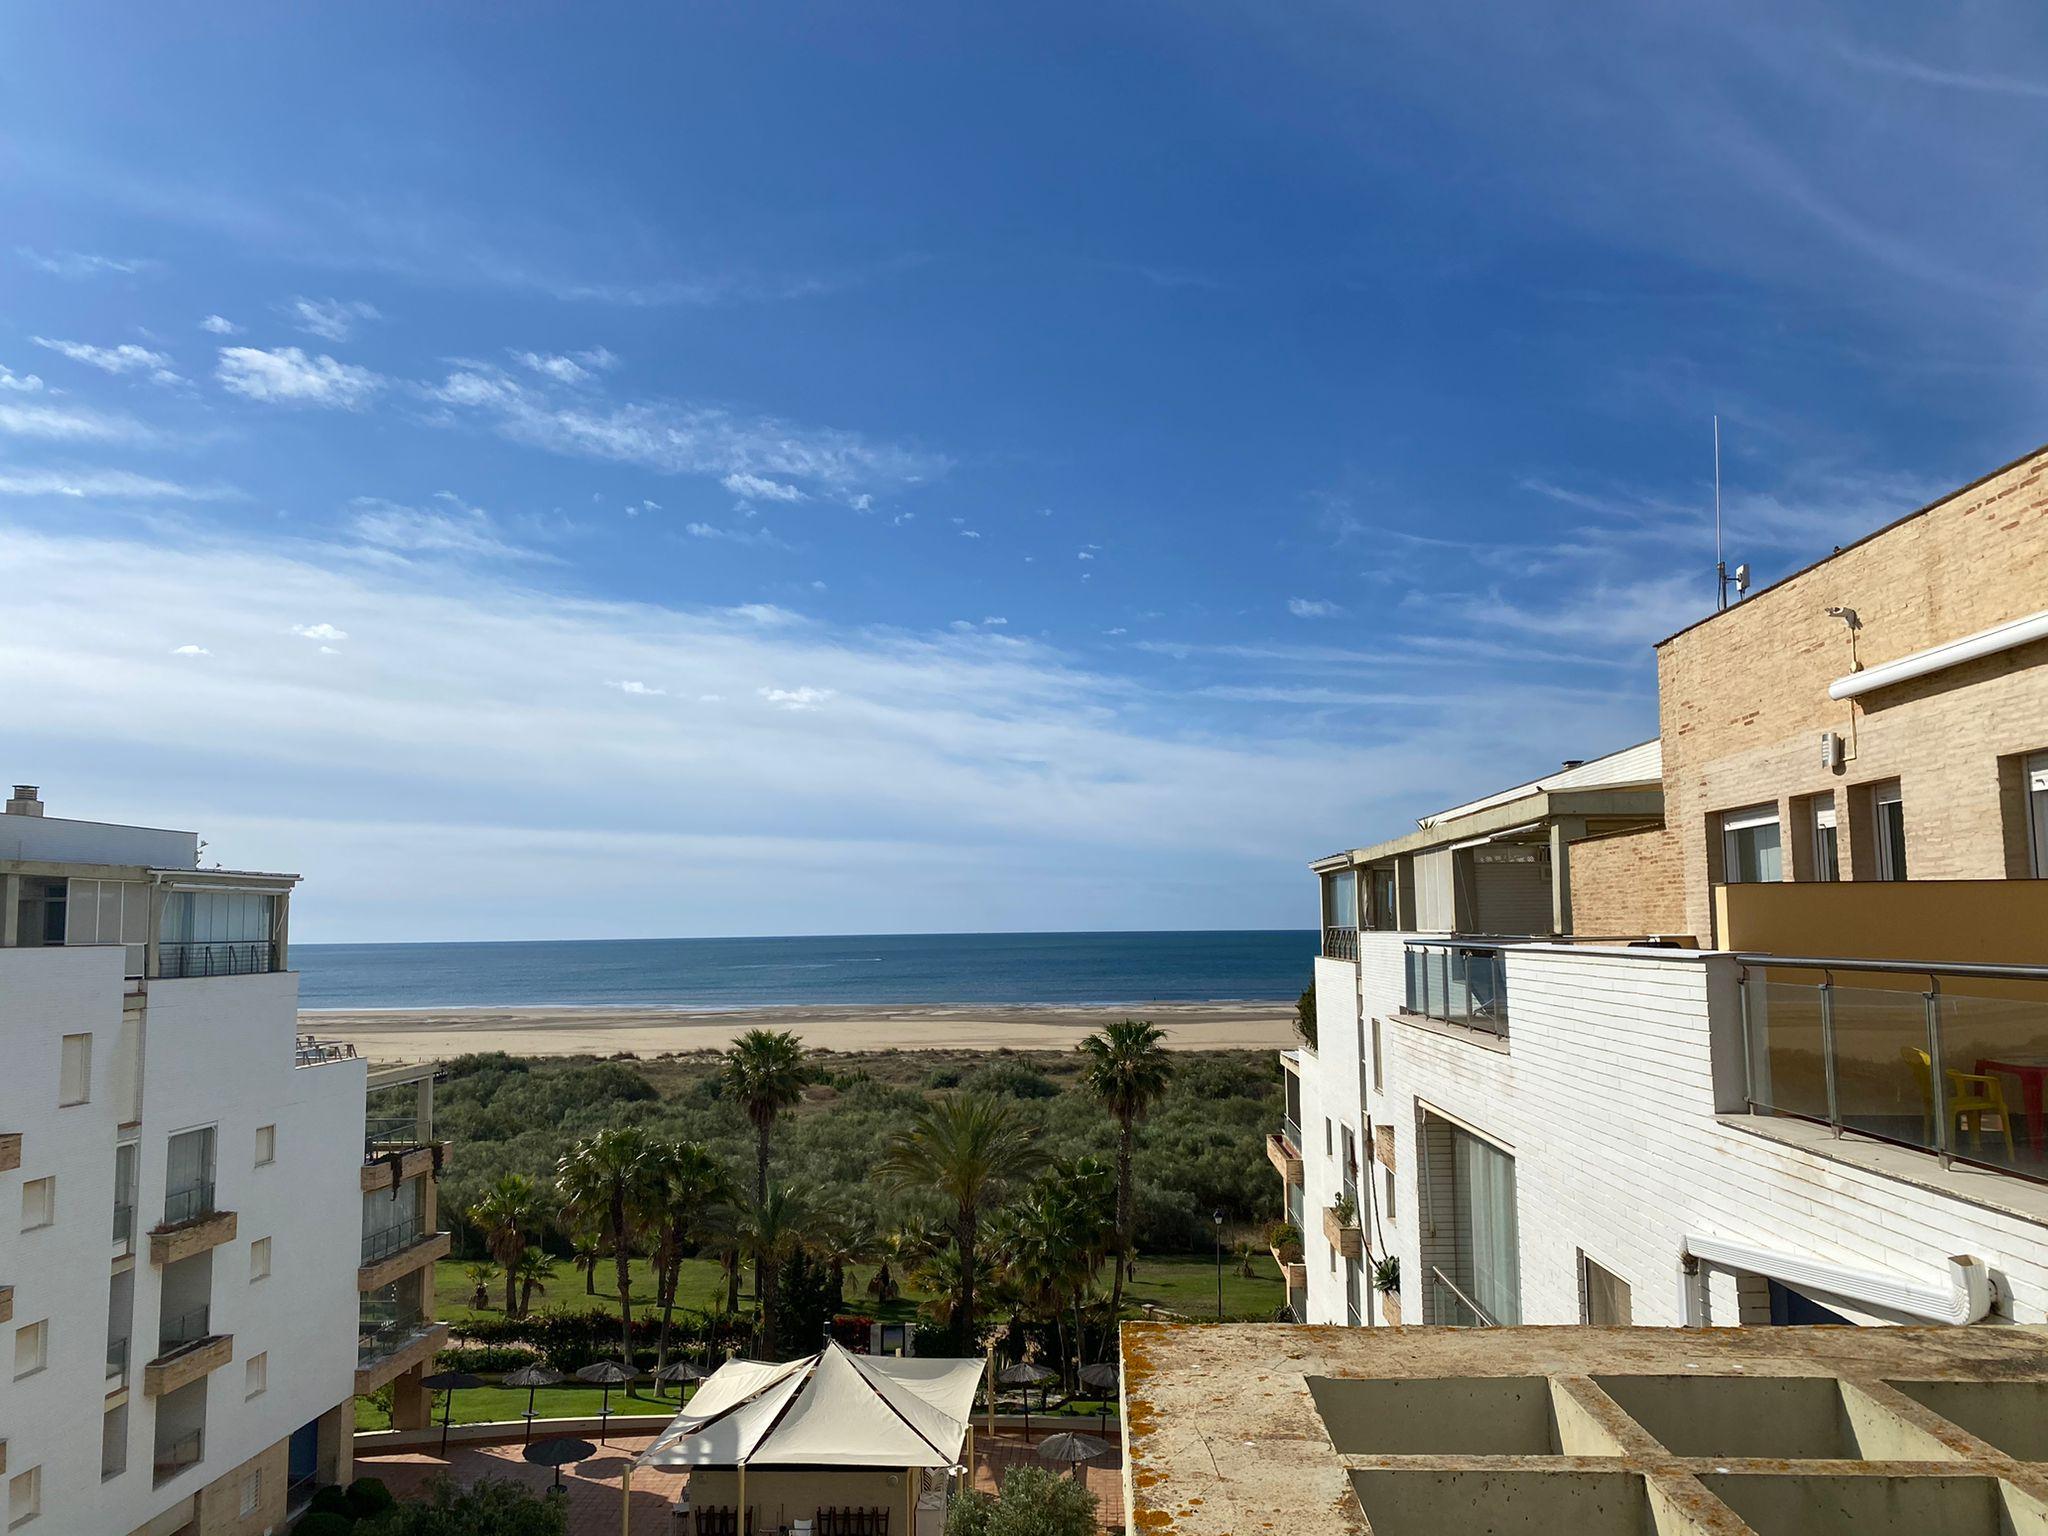 Imagen 6 del Apartamento Turístico, Ático 7 Central (3d+2b), Punta del Moral (HUELVA), Paseo de la Cruz nº22